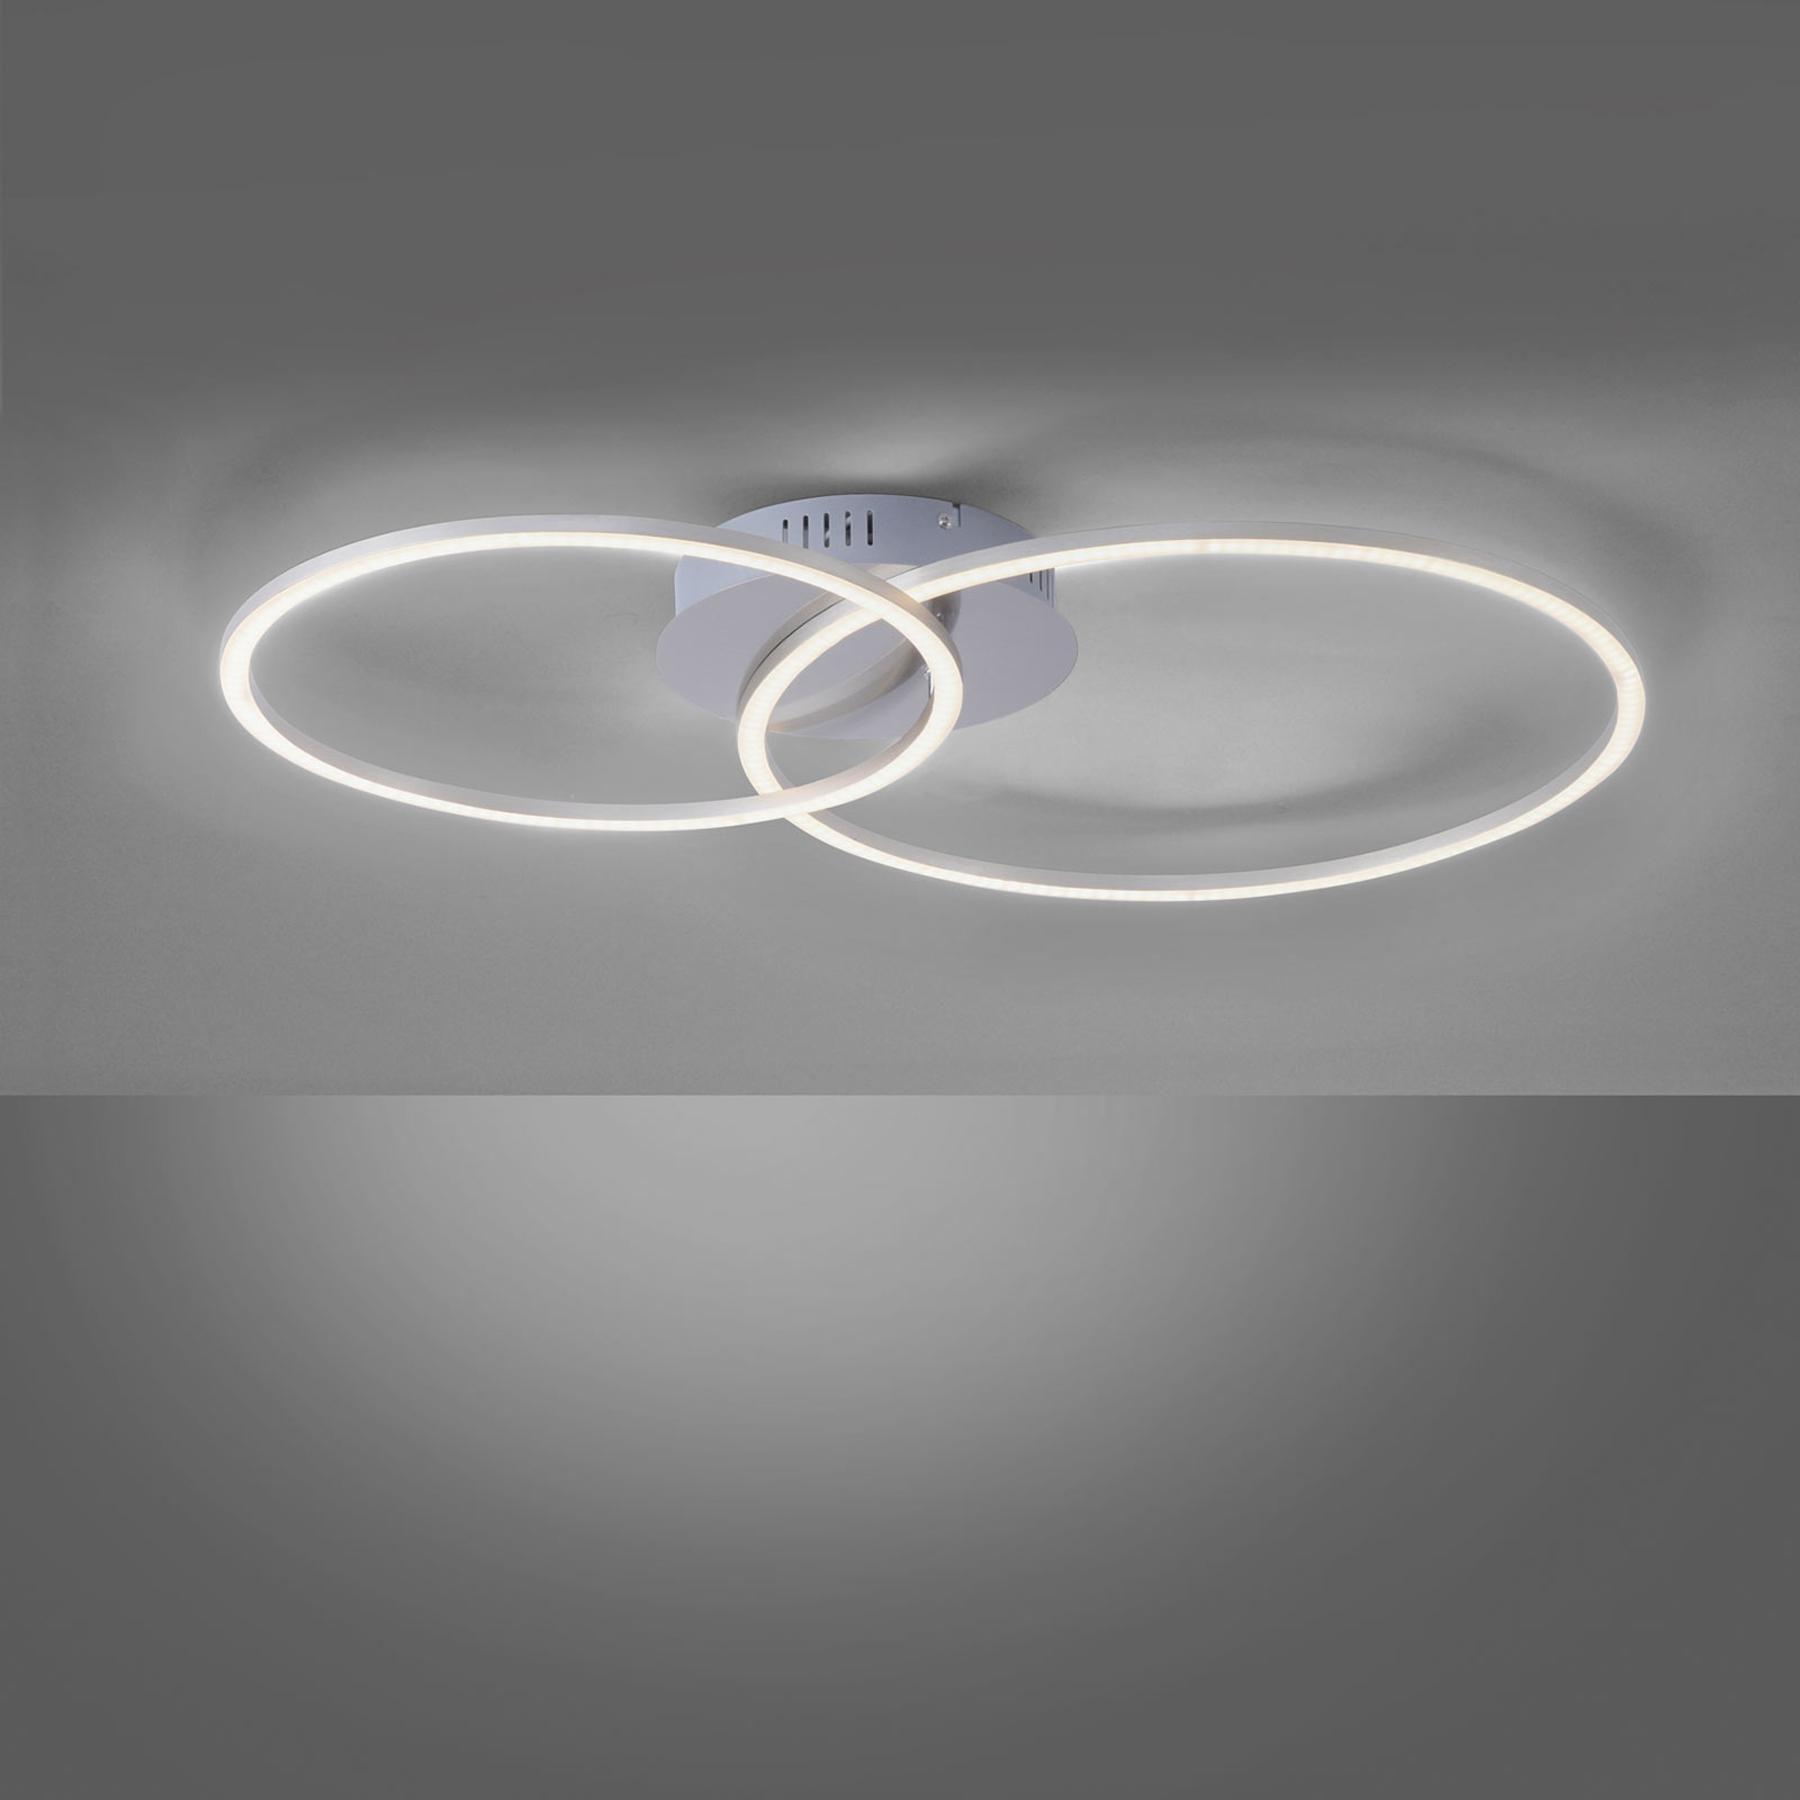 LED-Deckenleuchte Ivanka, zwei Ringe, stahl